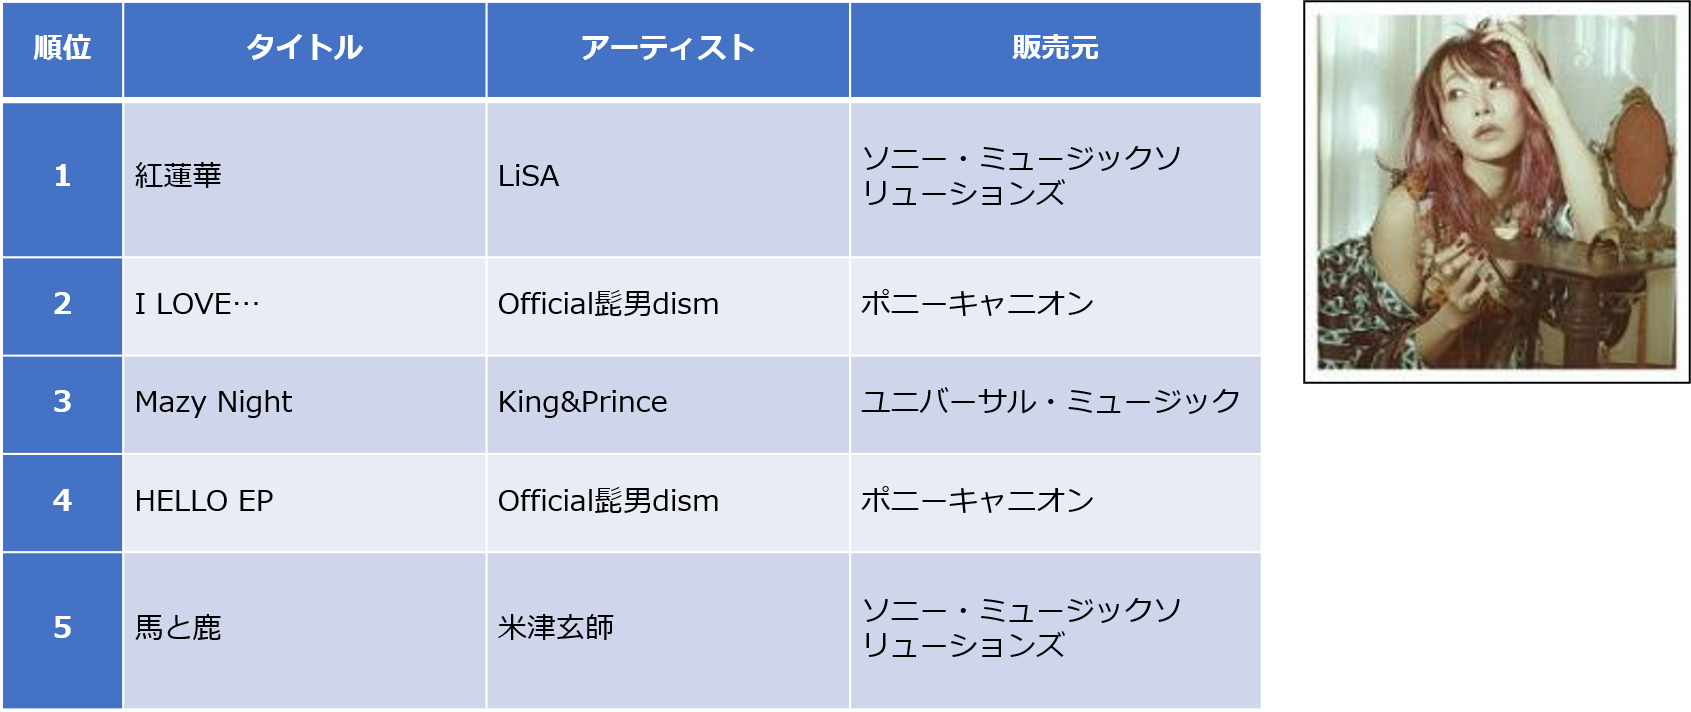 レンタル ランキング tsutaya